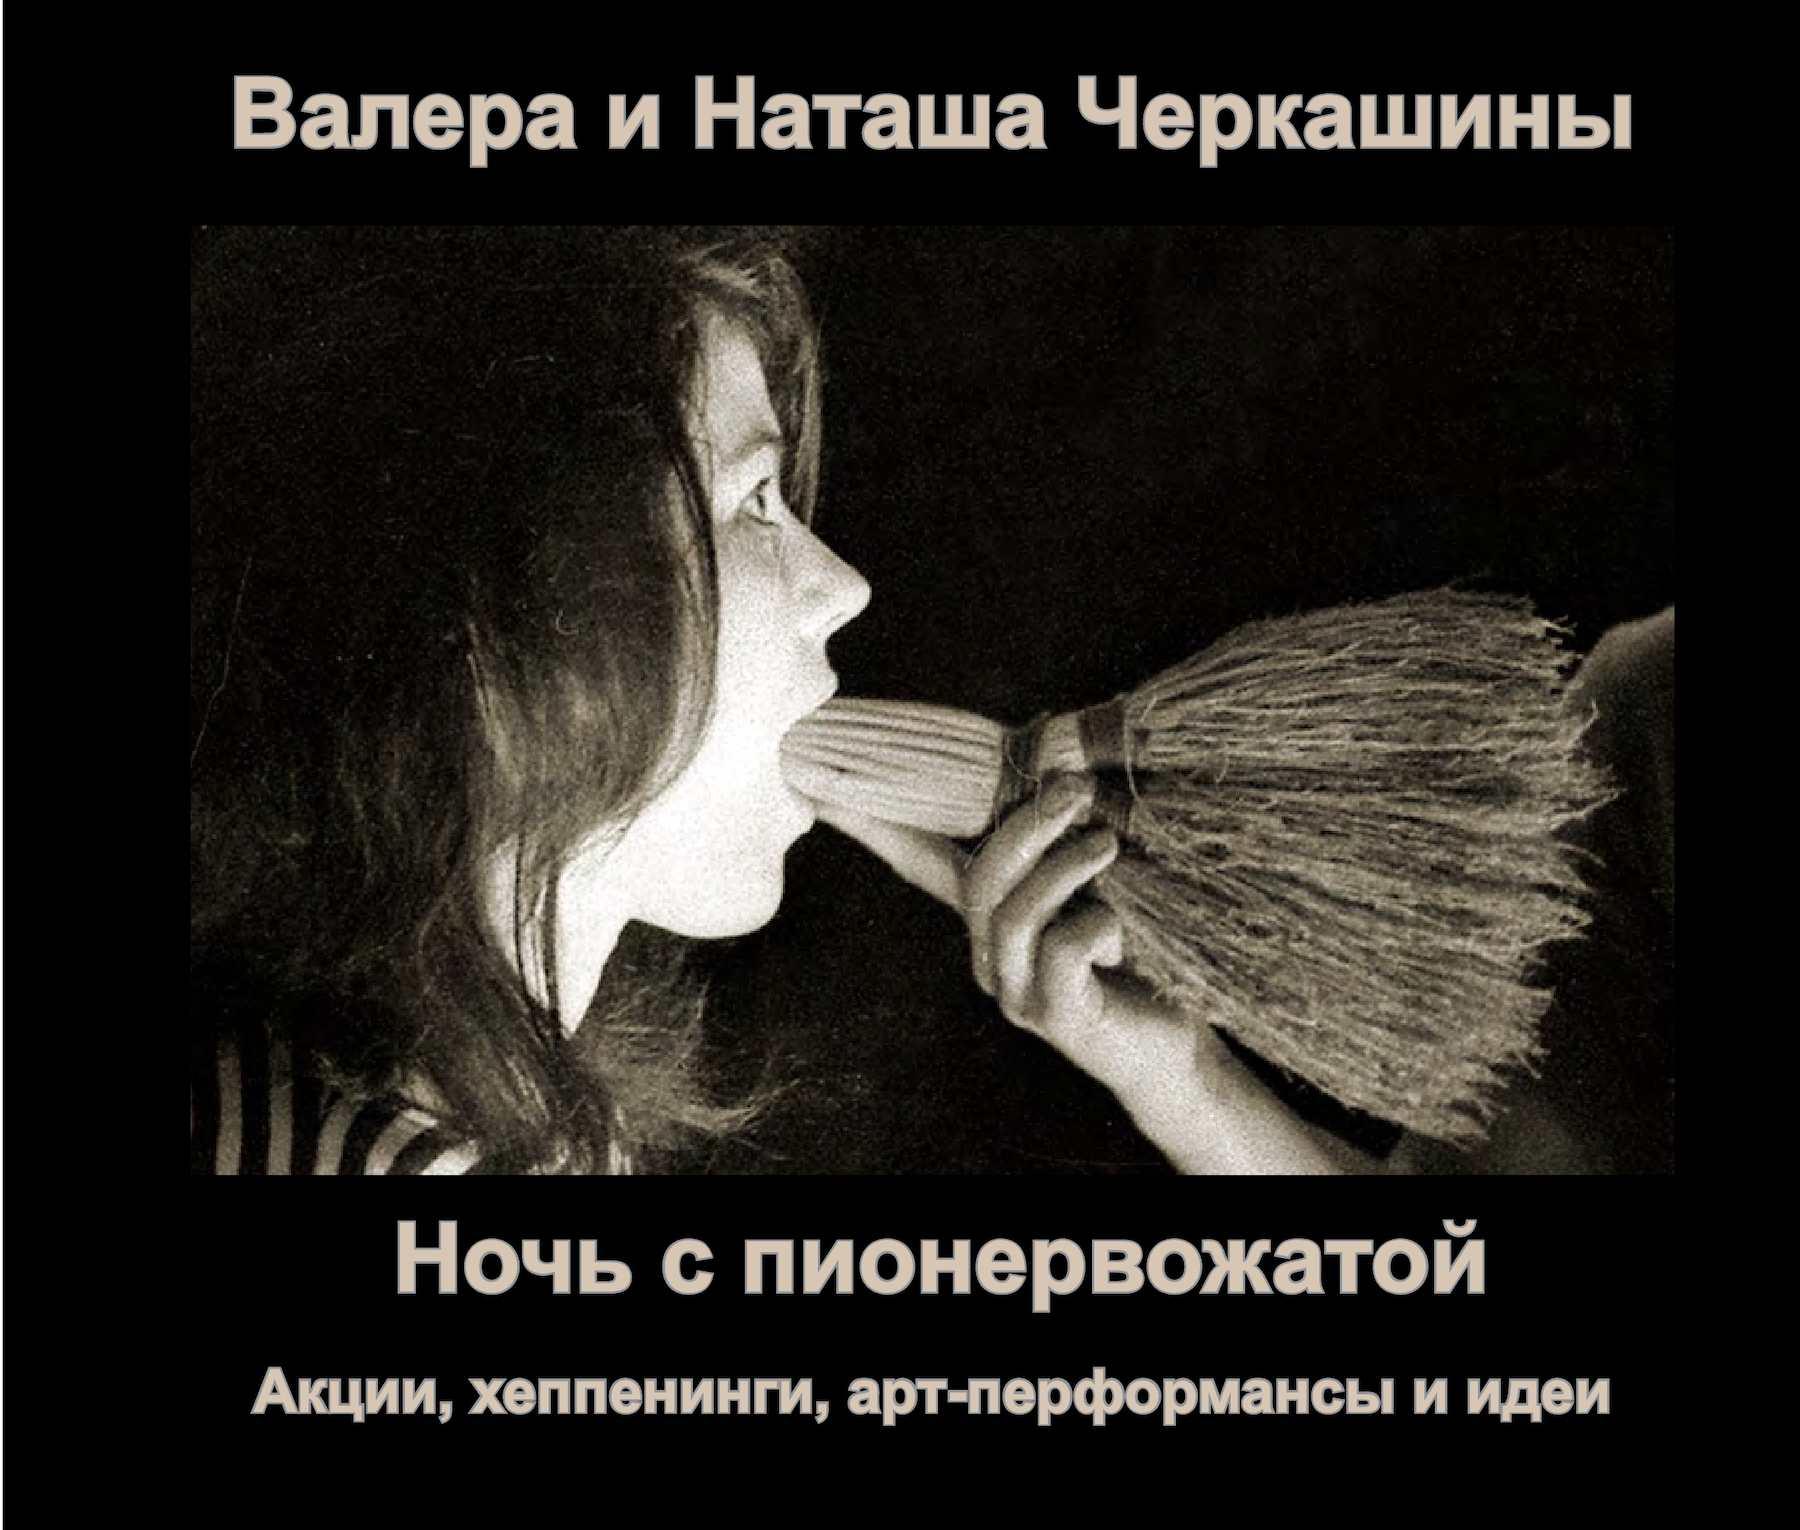 realnoe-skritno-snyatoe-video-zhena-s-sosedkoy-lizhutsya